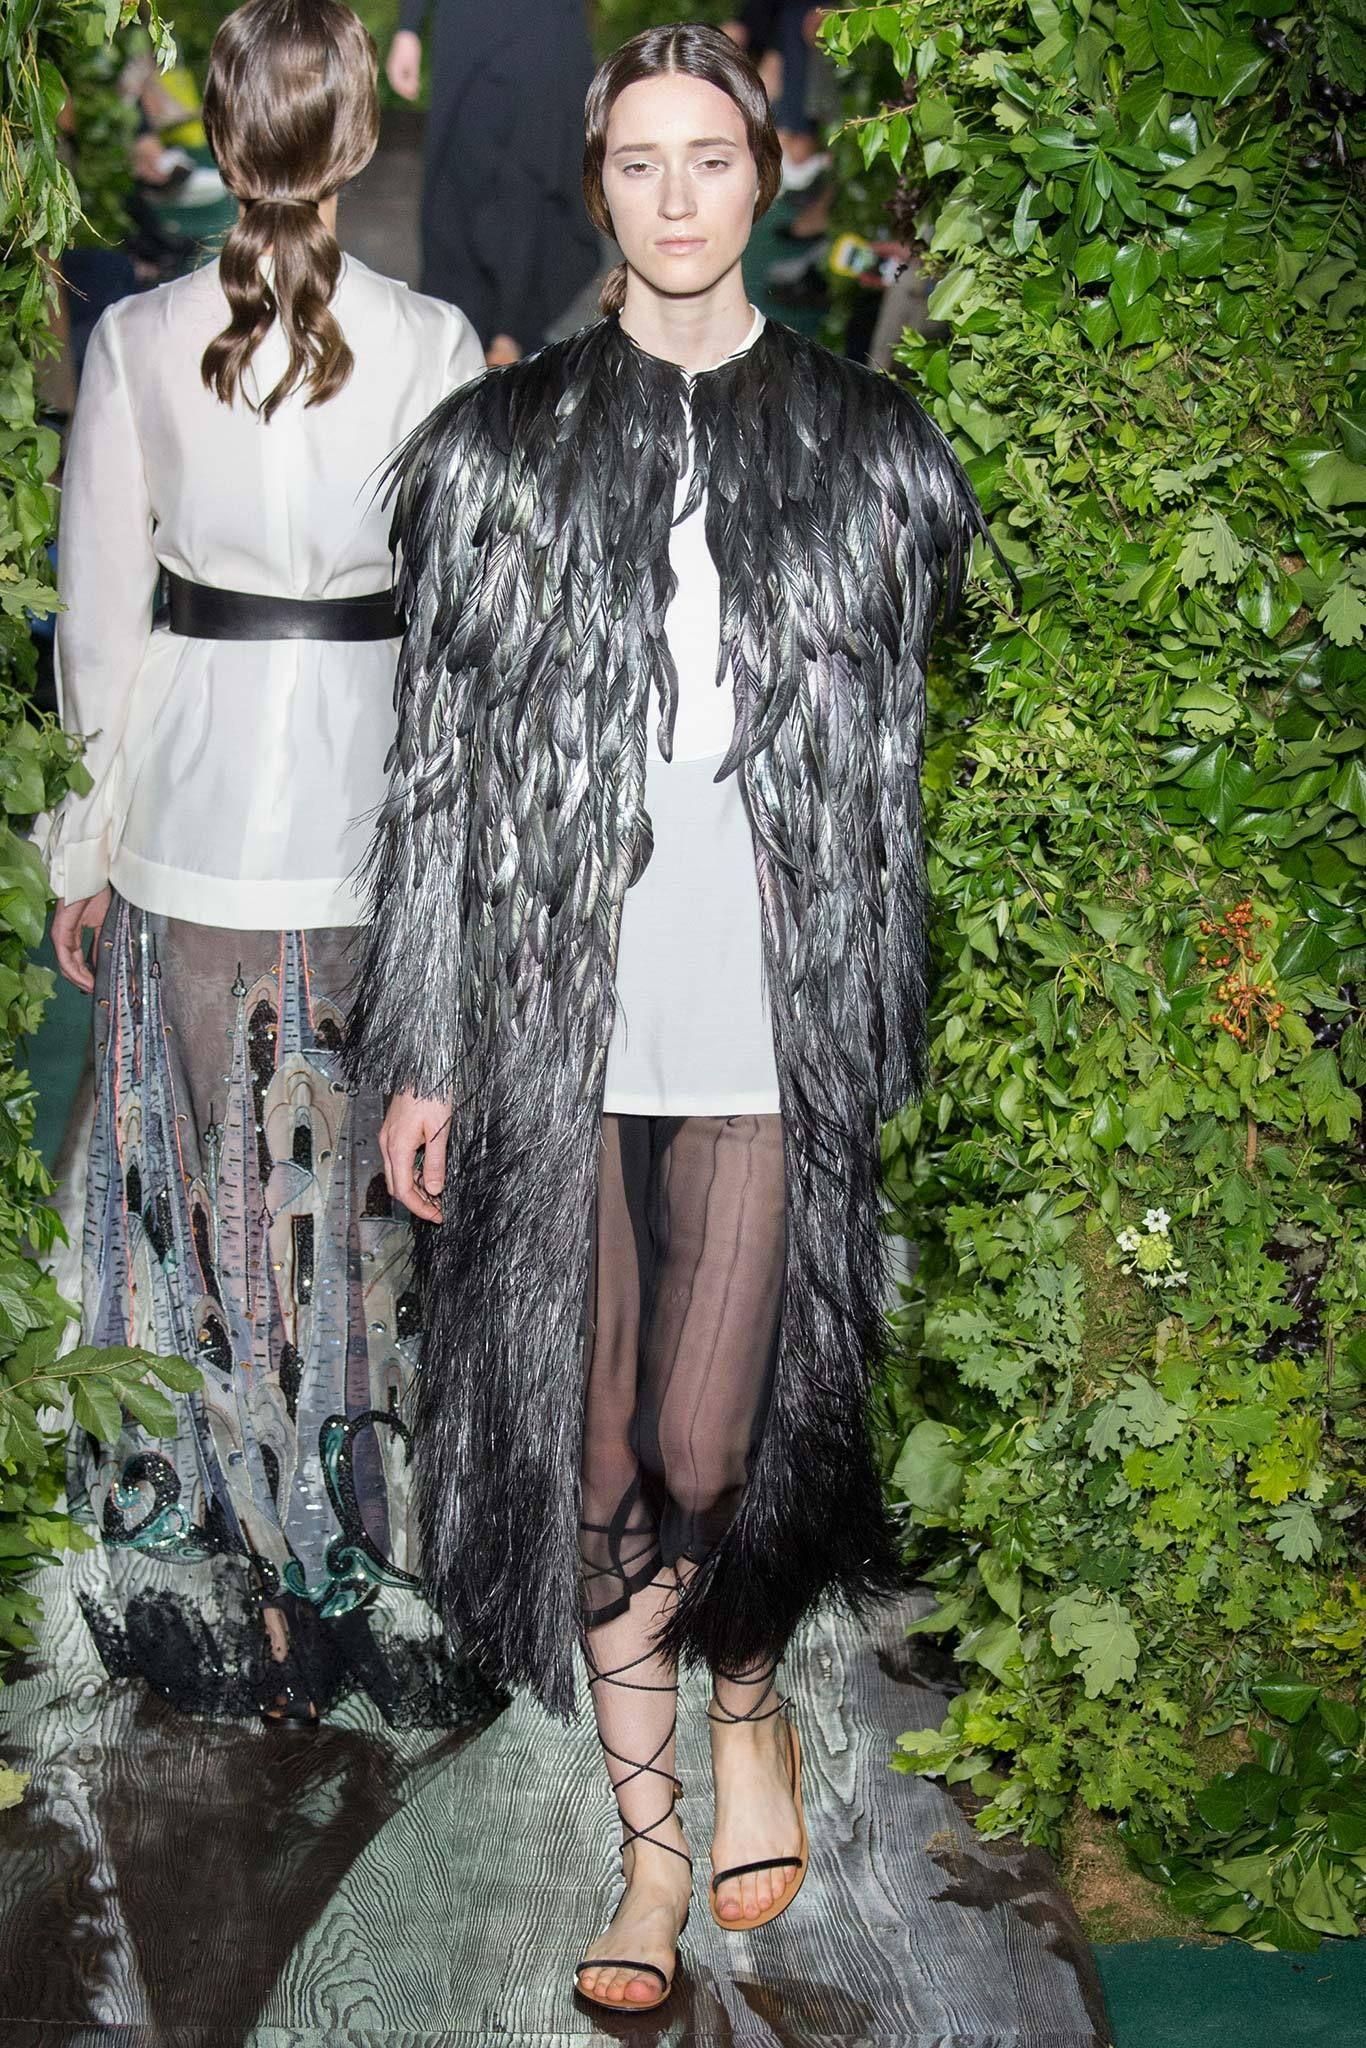 Valentino Garavani fall 2014 couture collection. See more: #ValentinoGaravaniAtFip, #FashionInPics